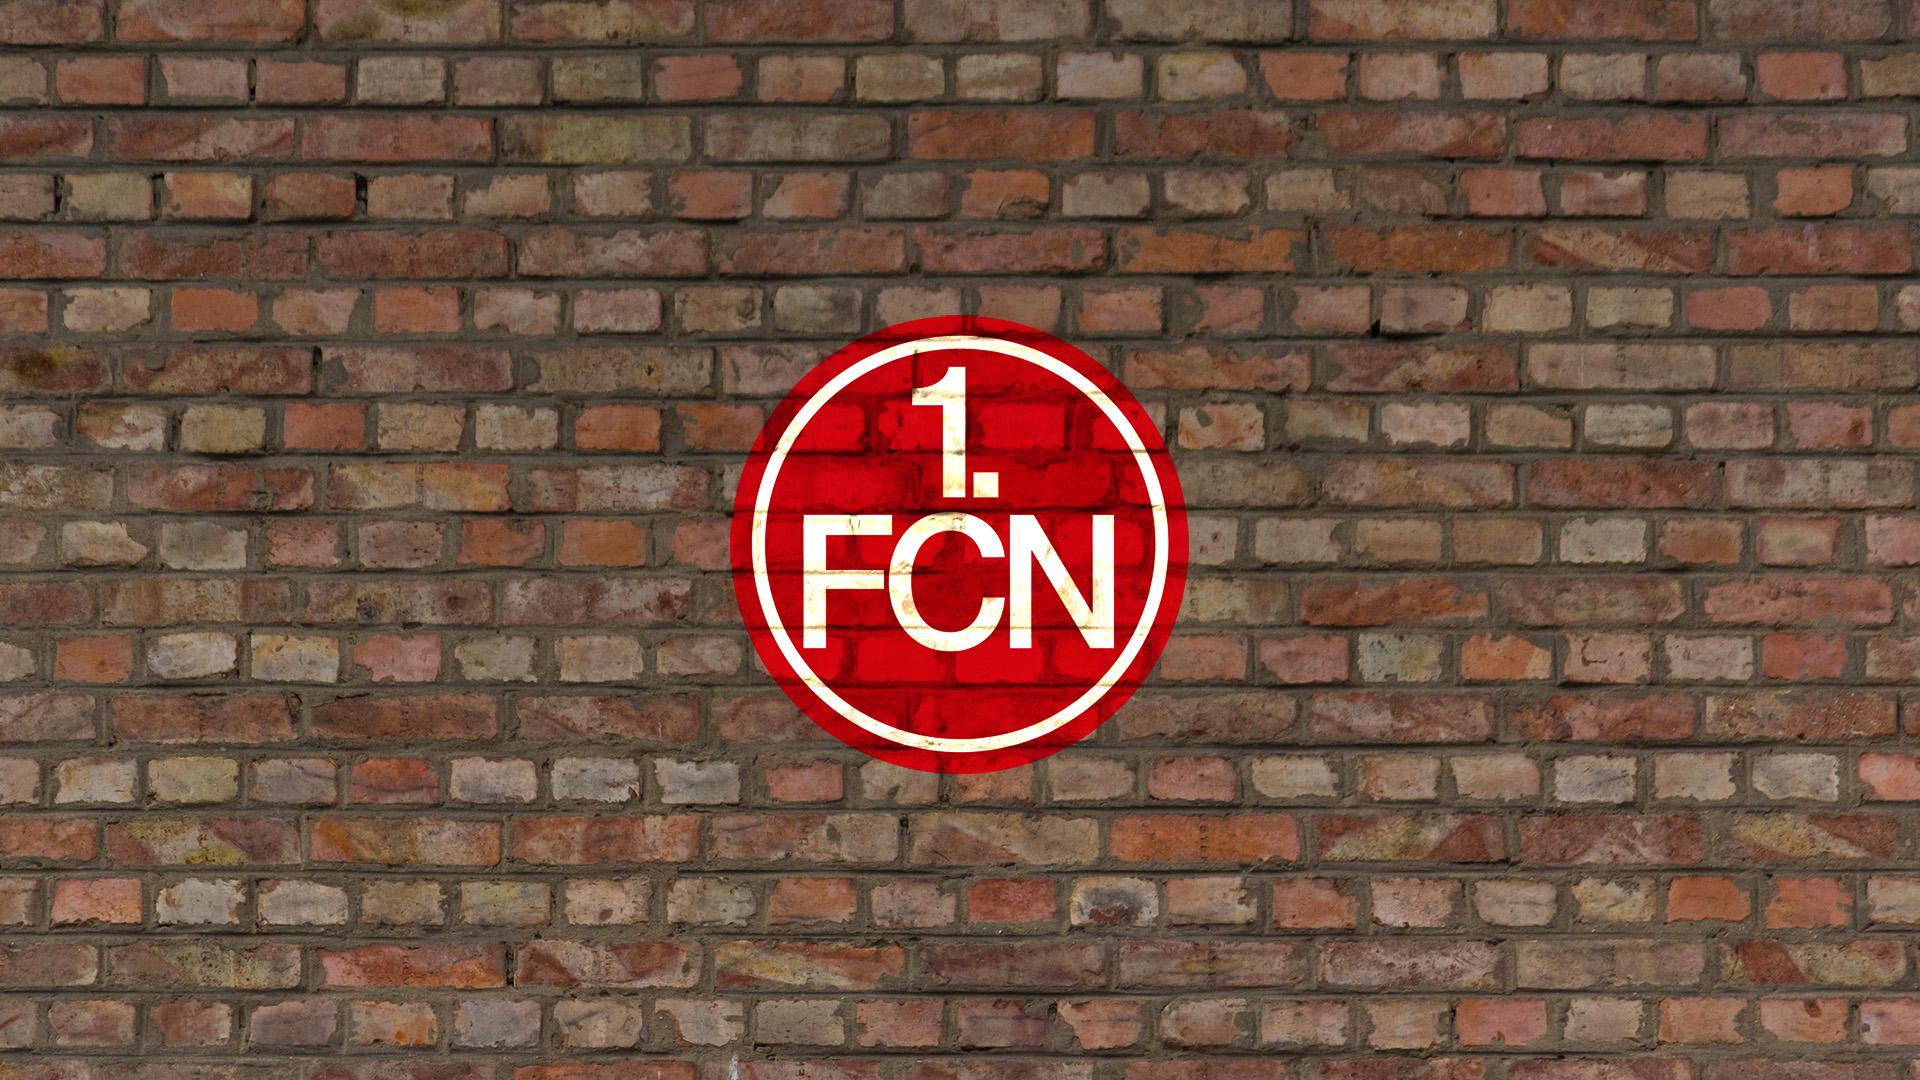 Bild Nürnberg Fcn